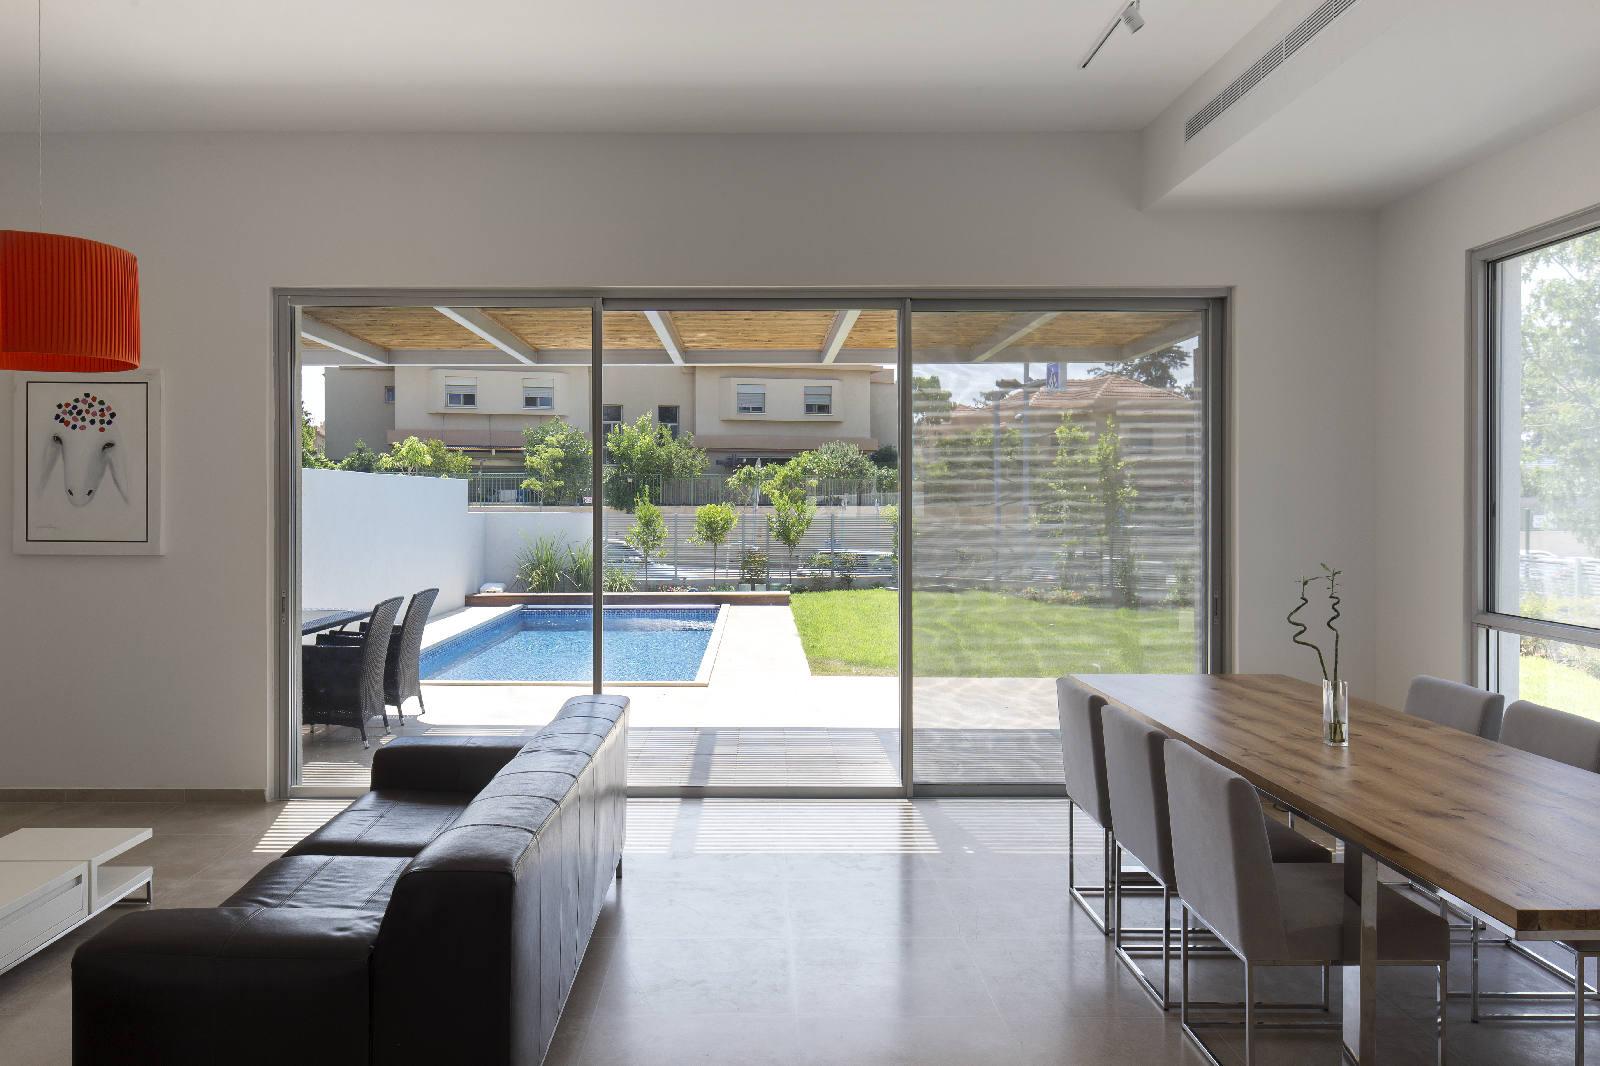 תכנון בית עם בריכה